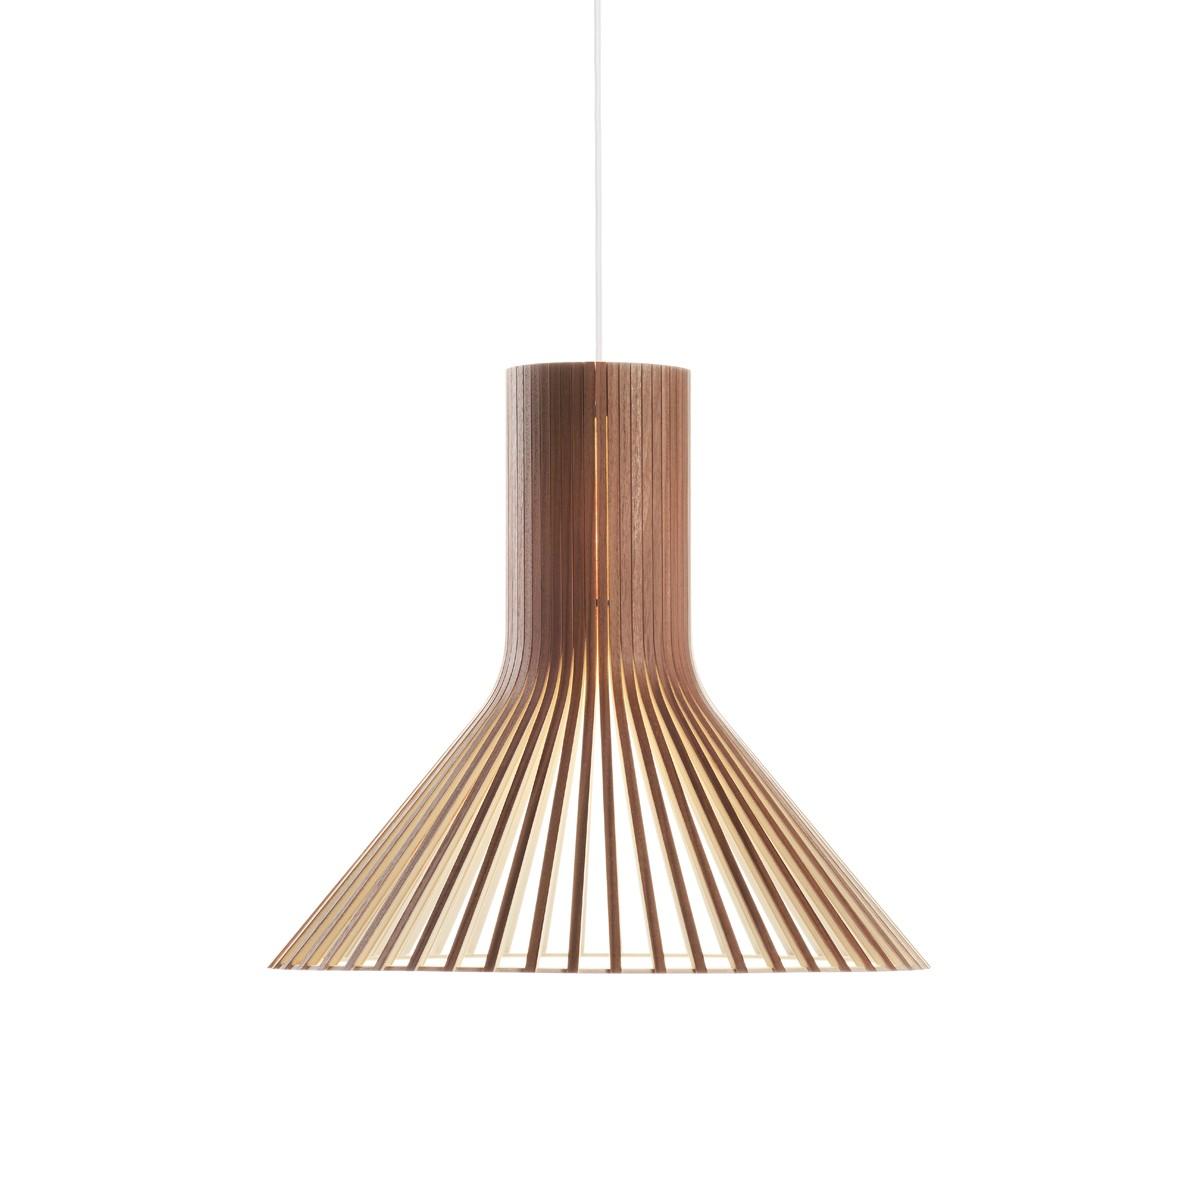 Secto Design Puncto 4203 Pendelleuchte, Walnussfurnier, Kabel: weiß